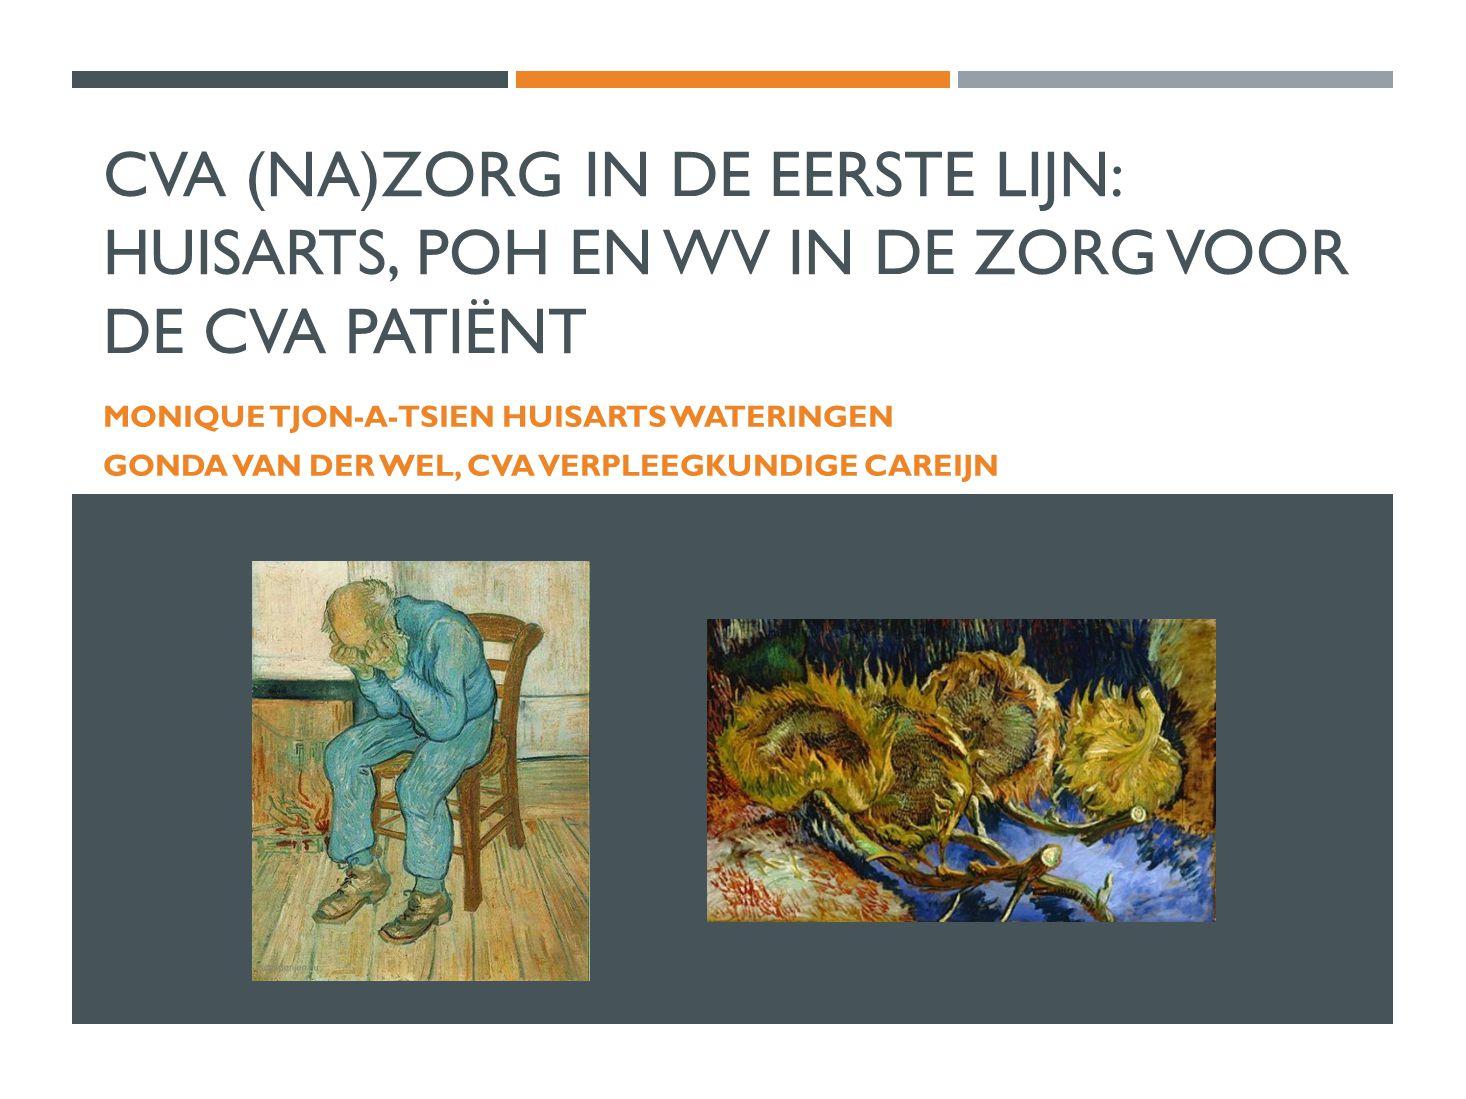 CVA (Na)zorg in de eerste lijn: huisarts, POH en WV in de zorg voor de CVA patiënt